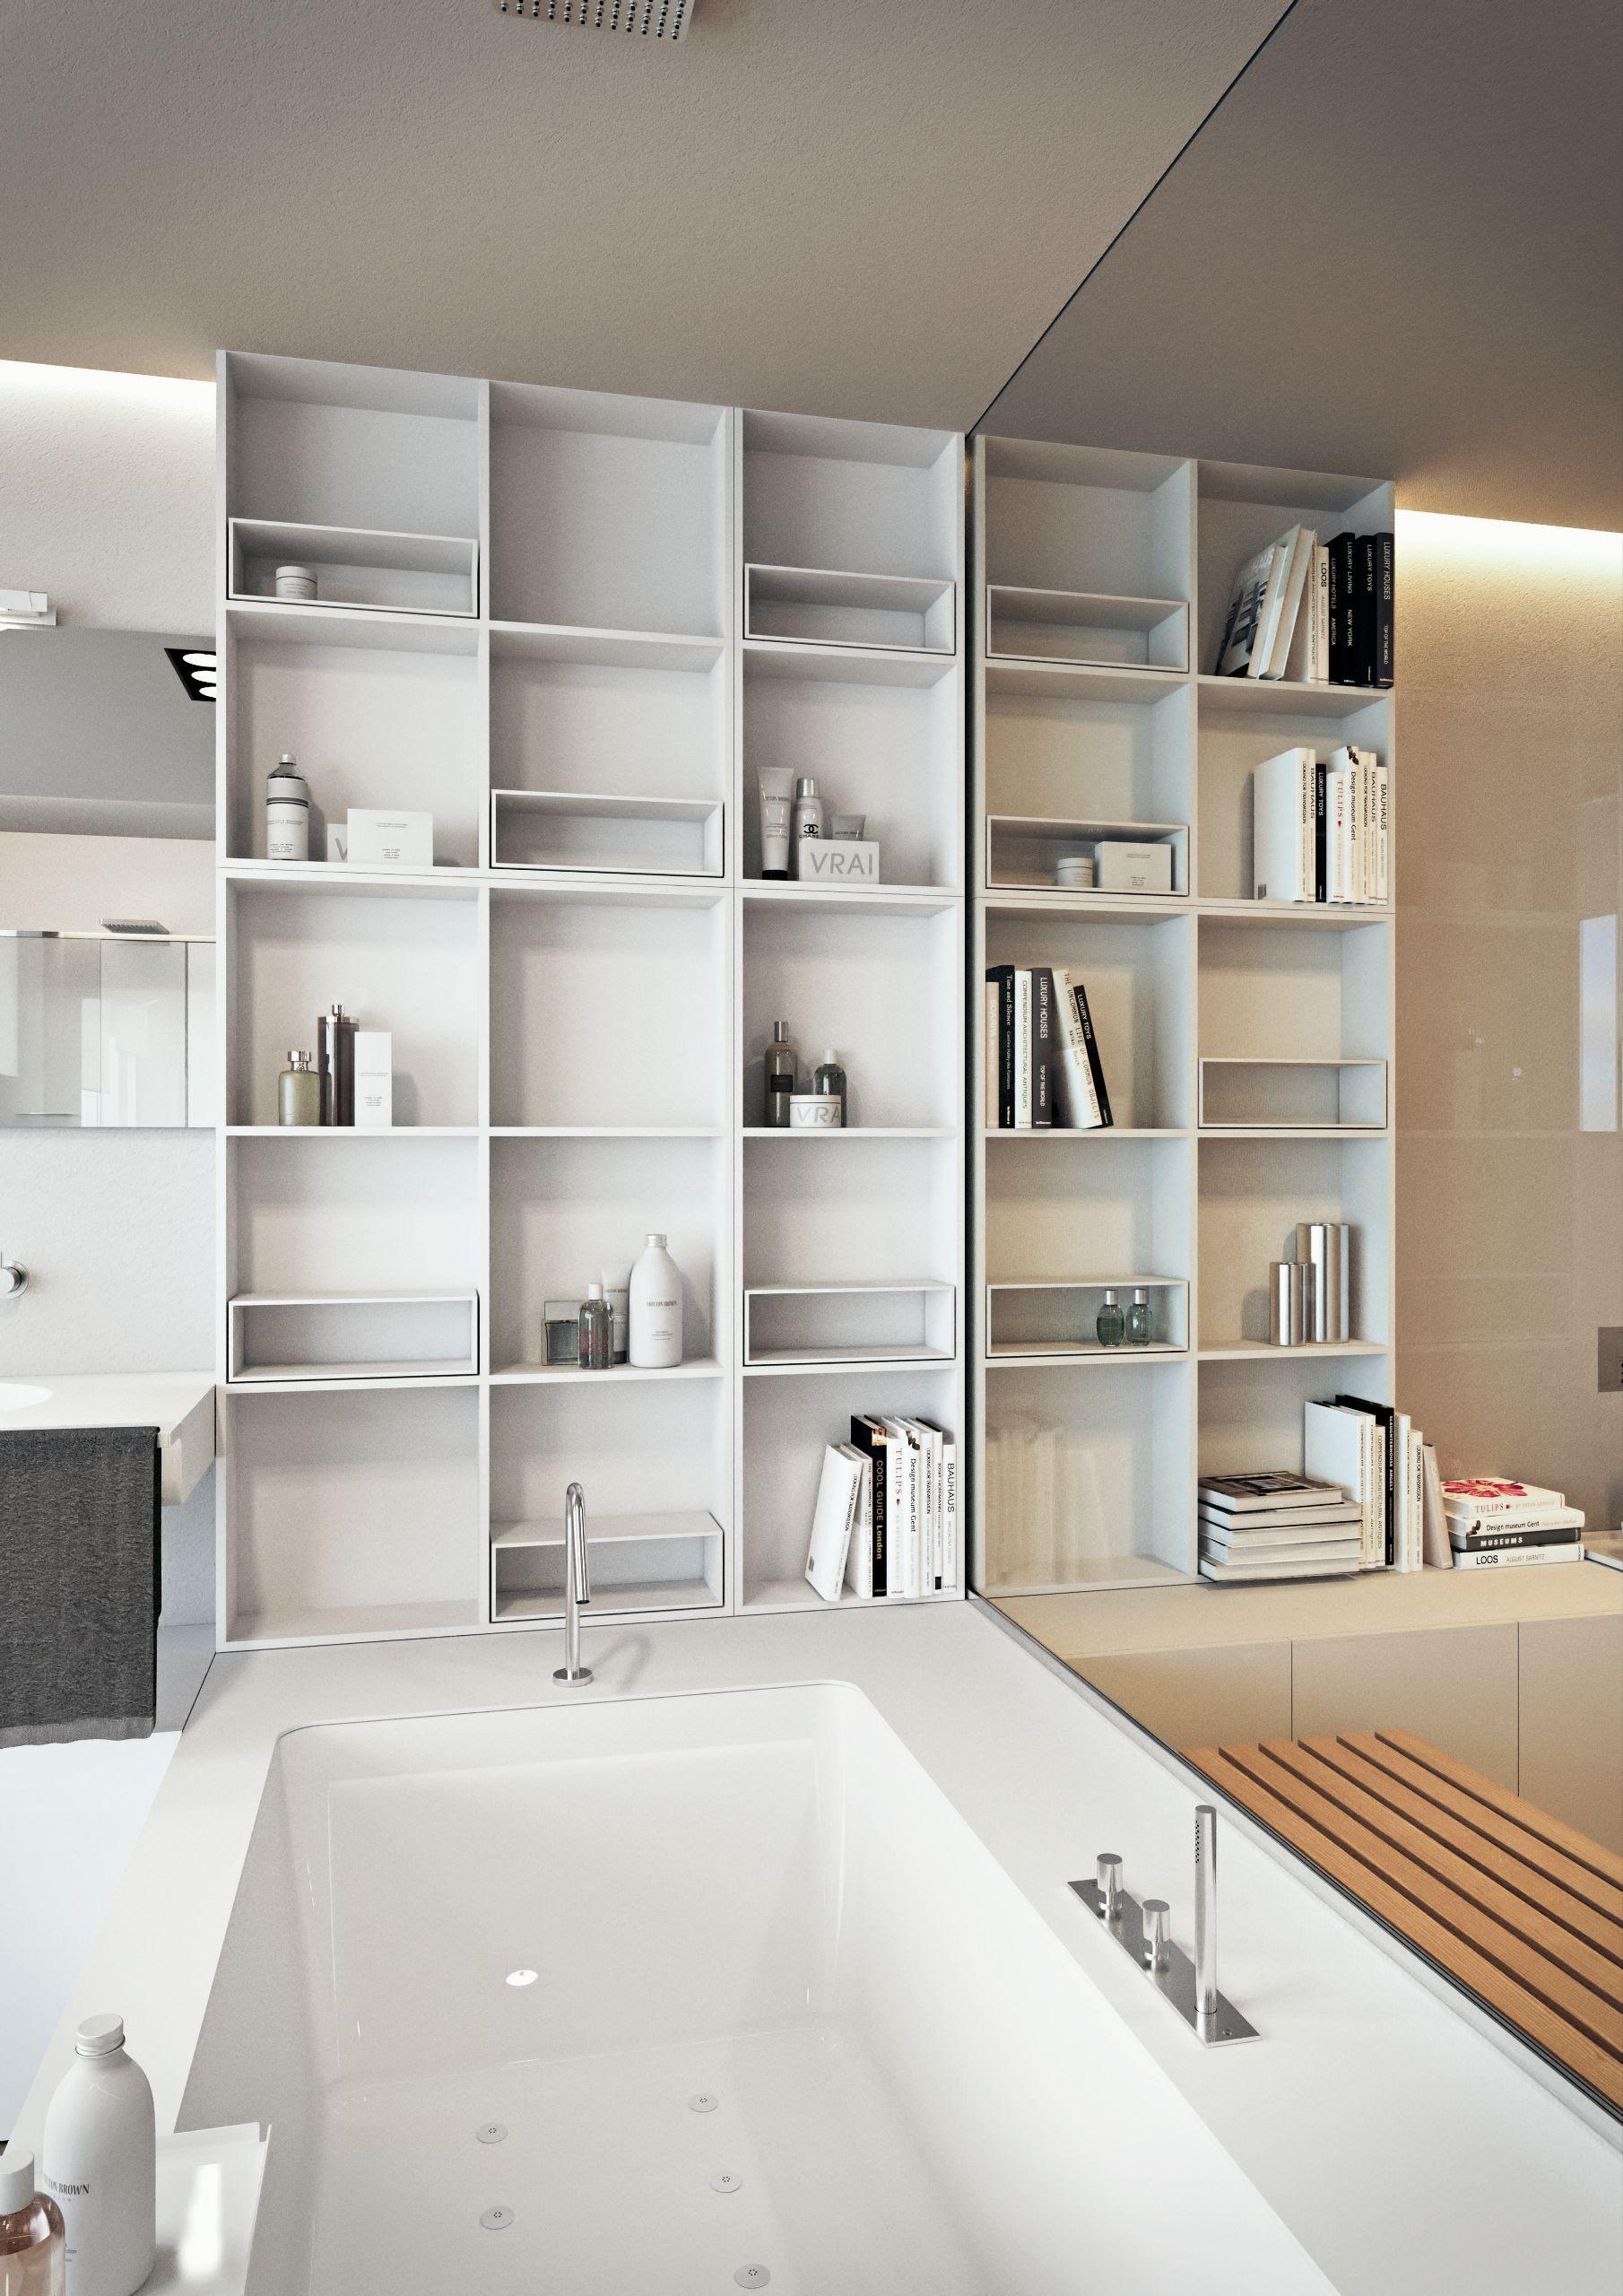 Ba o completo ba era lavabo open space 01 by makro for Banos completos